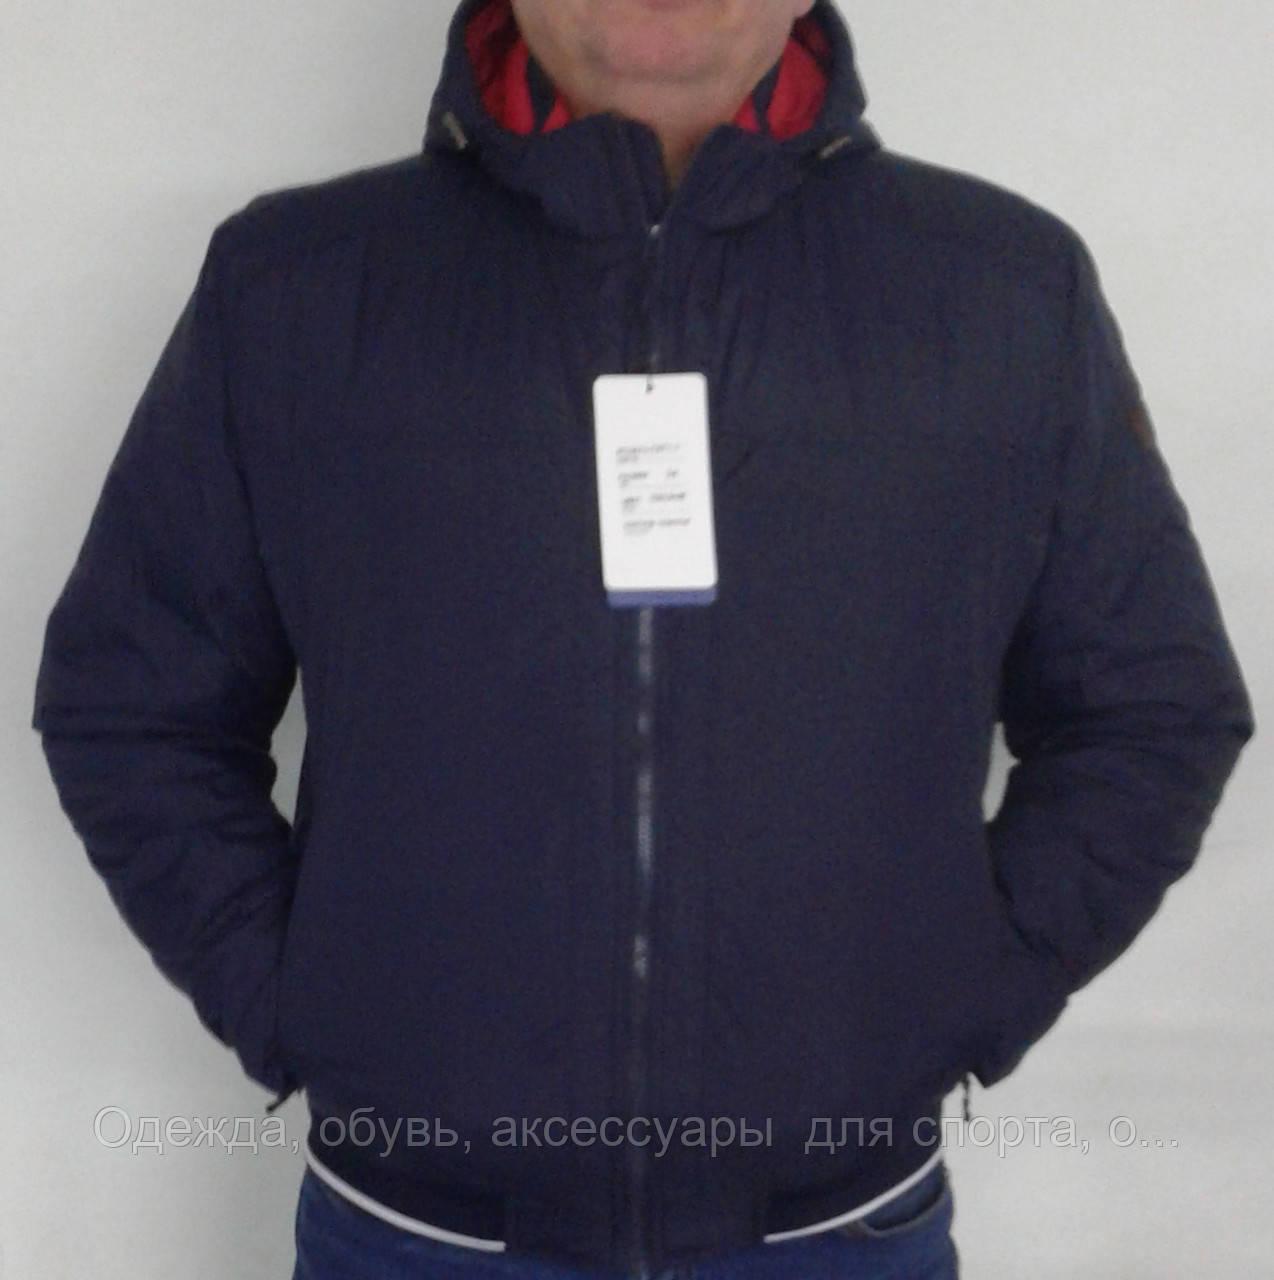 9d545923c5ee Куртка-ветровка мужская, большие размеры - Одежда, обувь, аксессуары для  спорта,